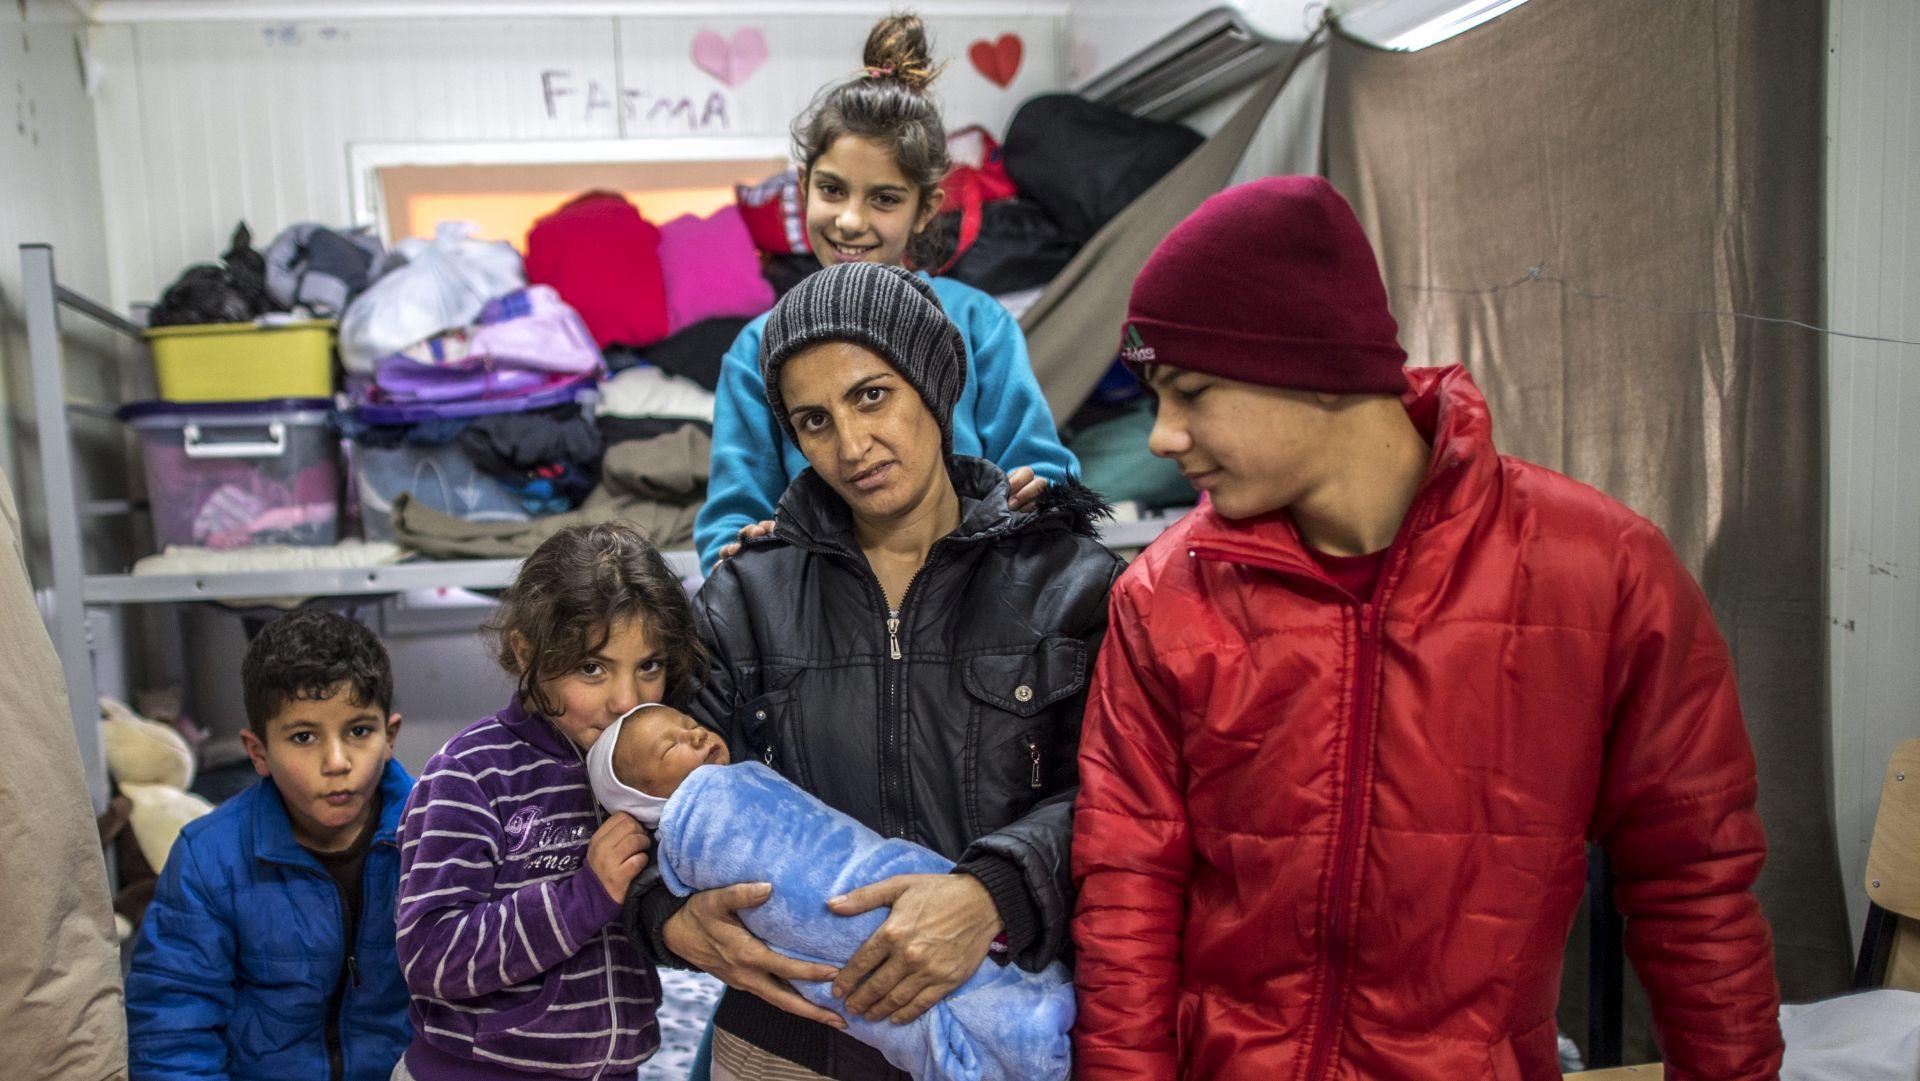 FRANCUSKI MINISTAR AYRAULT 'Prihvaćanje izbjeglica je dužnost'